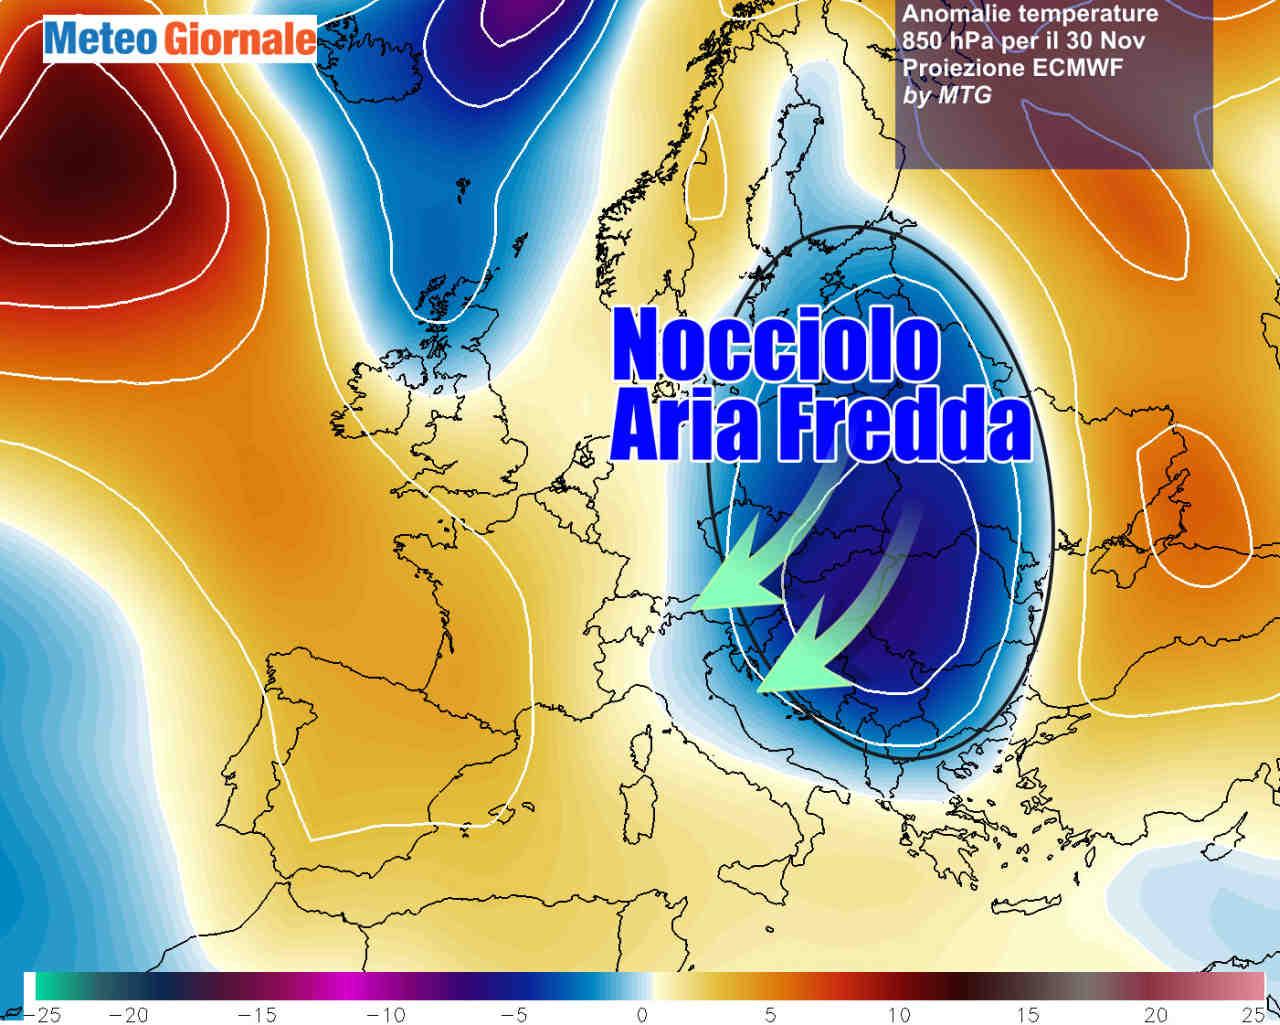 30nov vortice freddo - NOCCIOLO d'Aria Fredda, meteo invernale in arrivo con NEVE FORTE a bassa quota